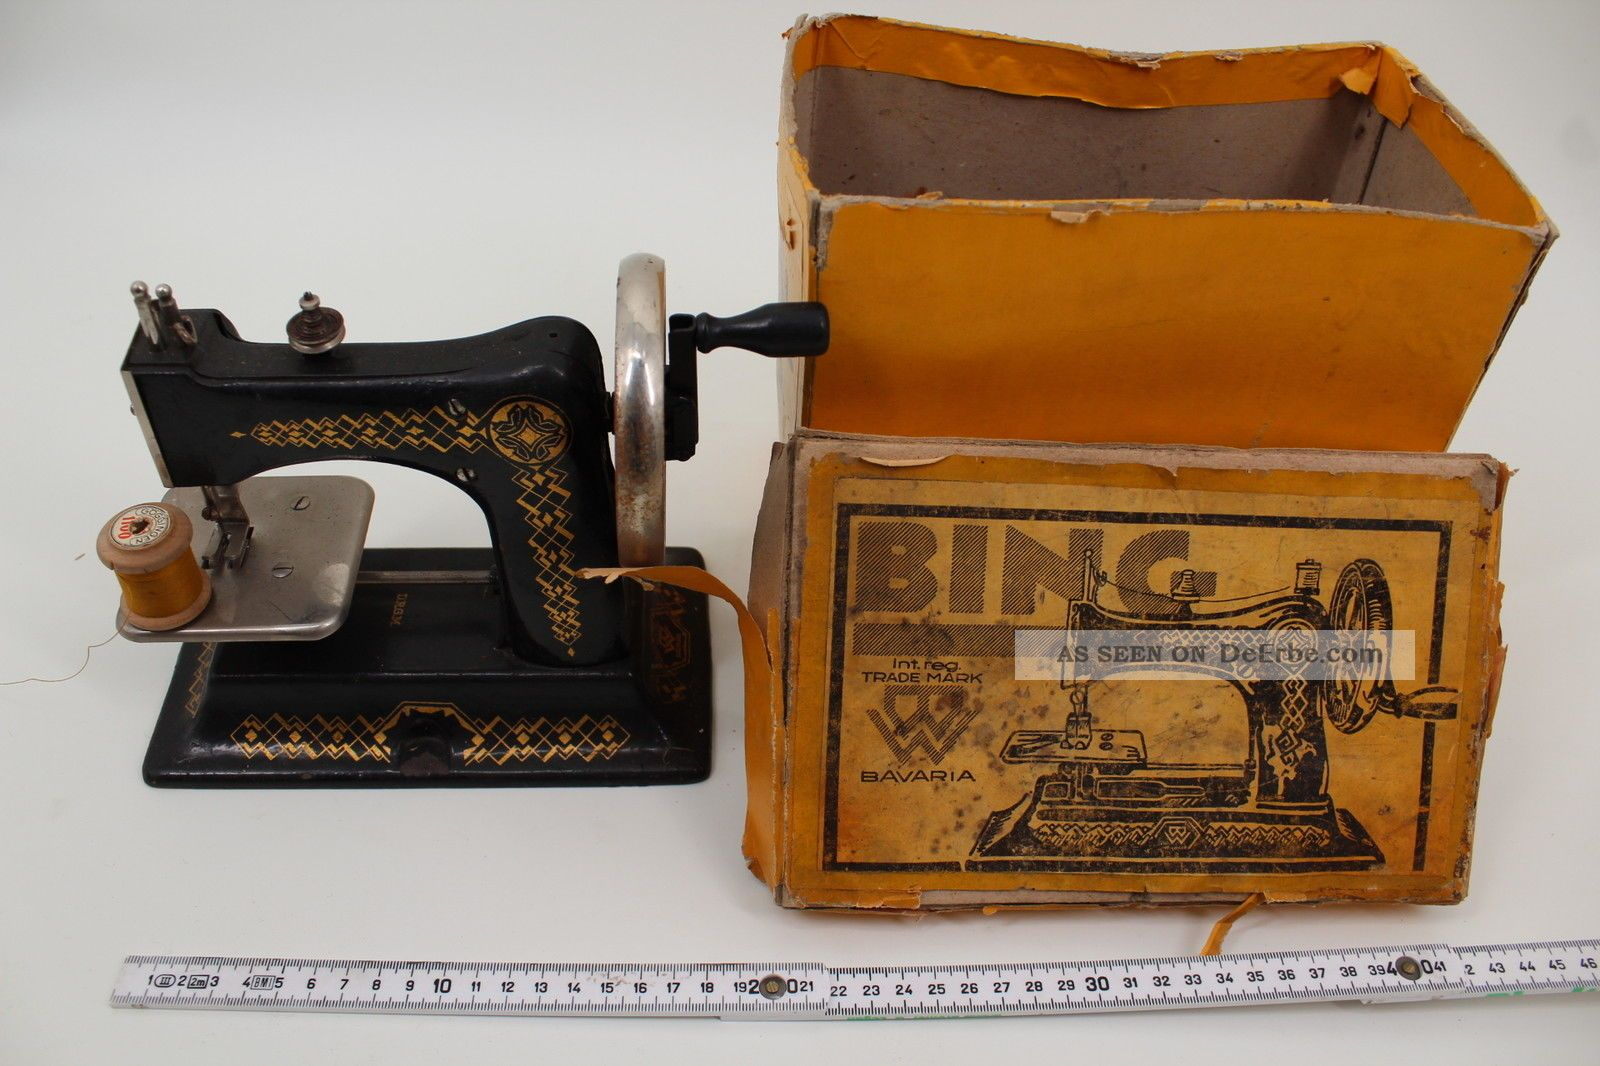 Bing Spielzeug Nähmaschine Eiserne Mamsell & Karton 1930 Gbn Antikspielzeug Bild